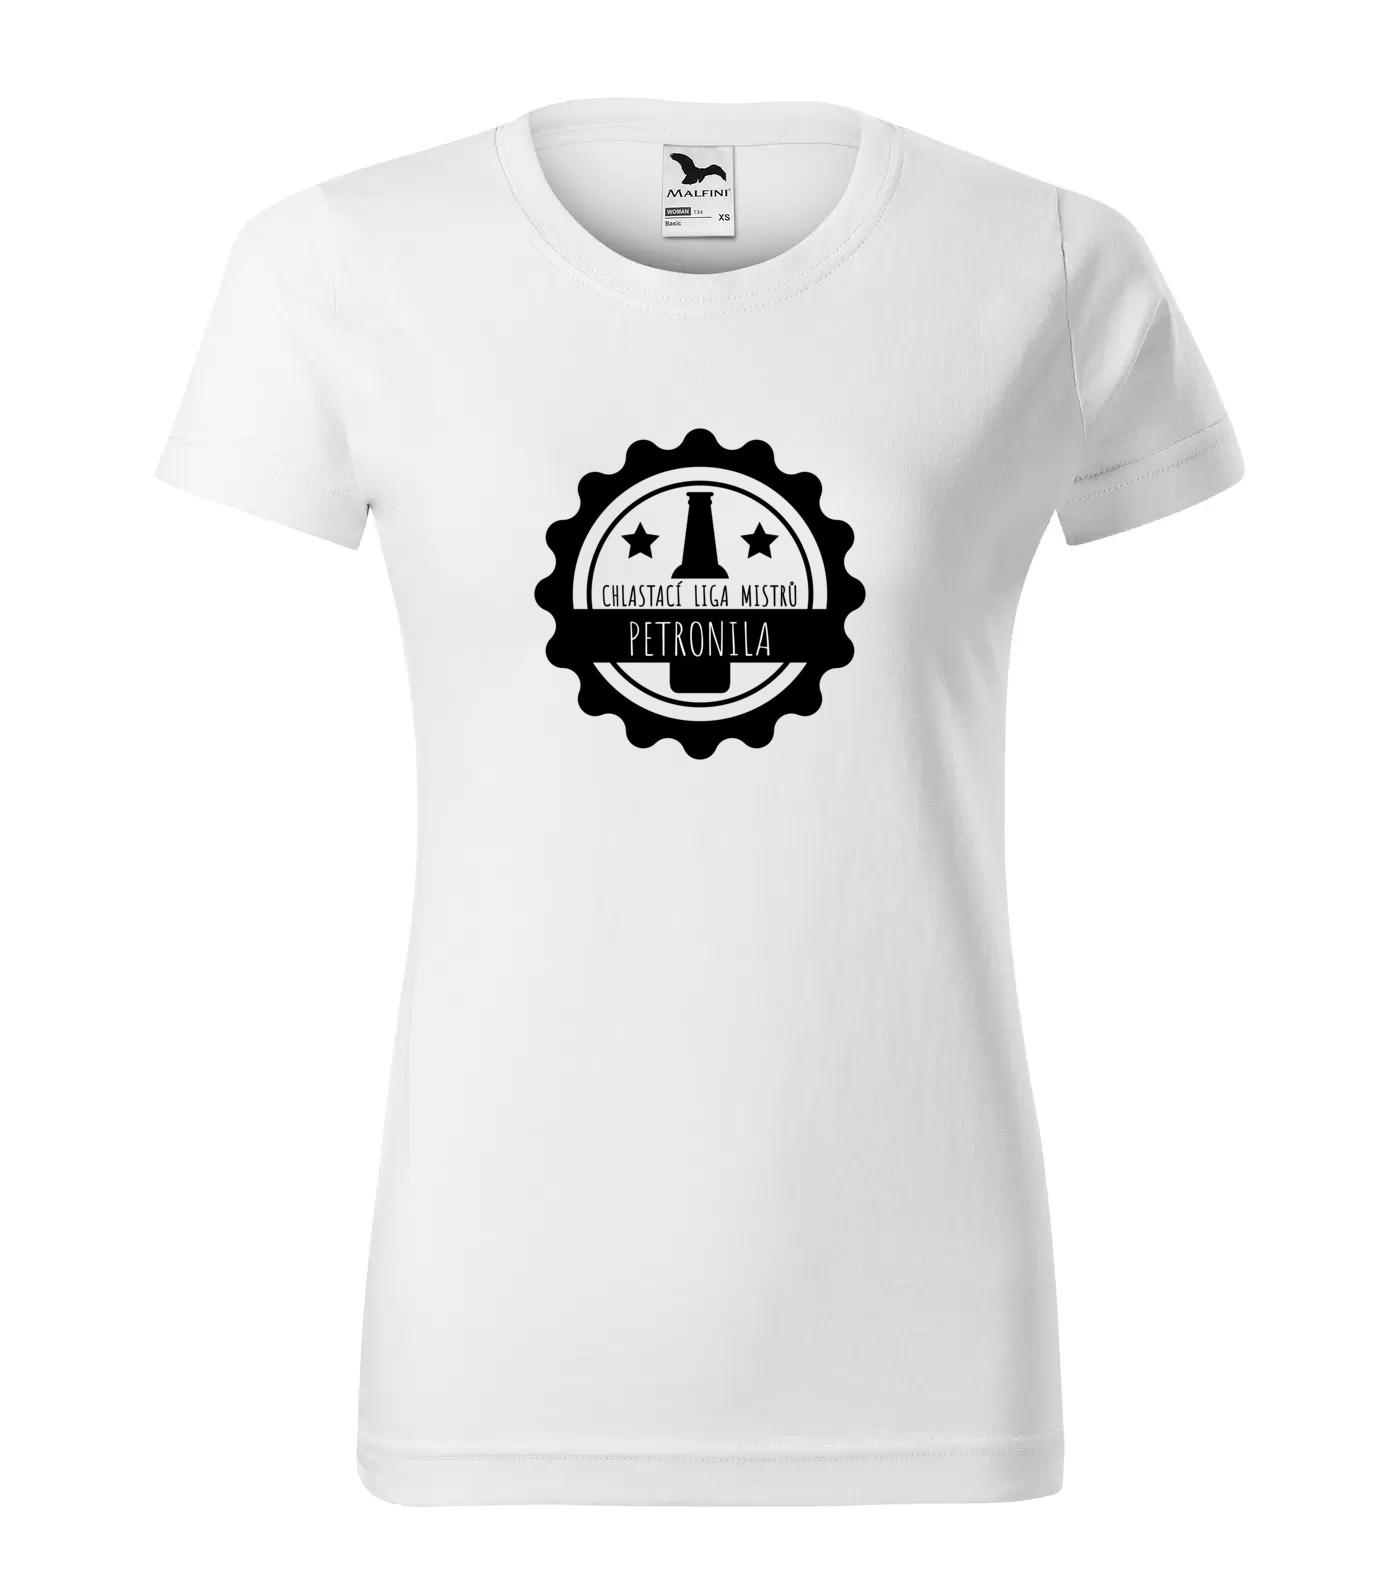 Tričko Chlastací liga žen Petronila